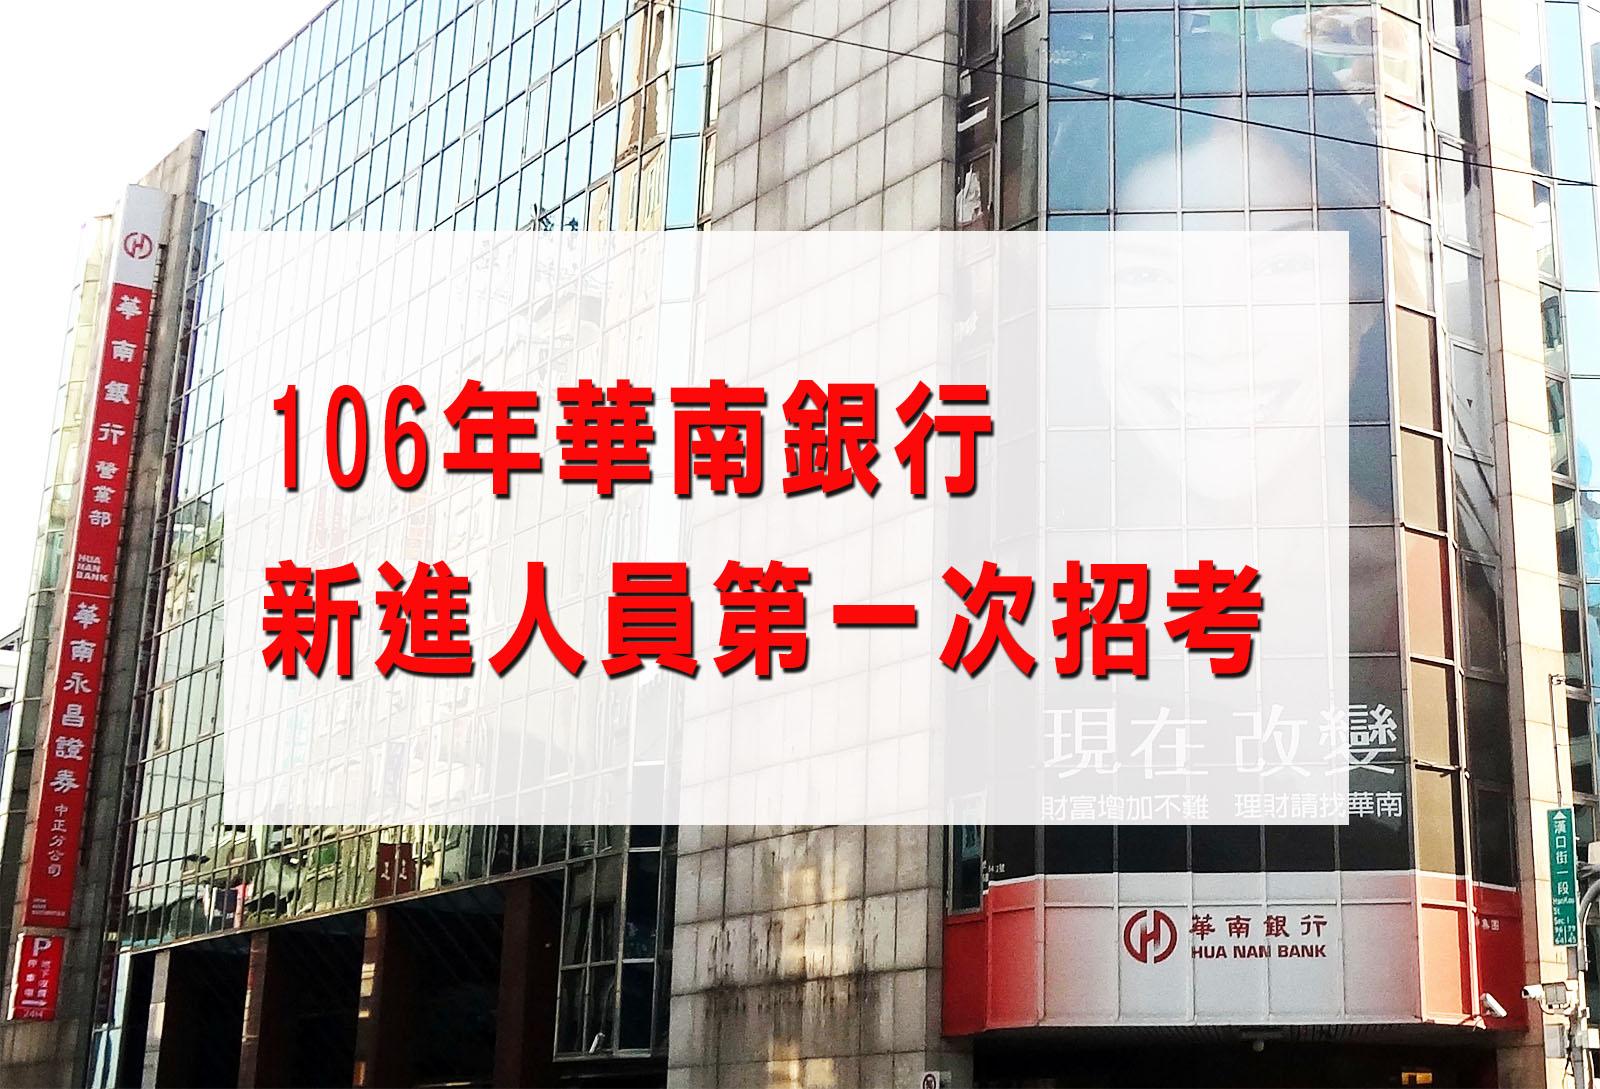 106年華南銀行第一次招考 大舉開缺314名